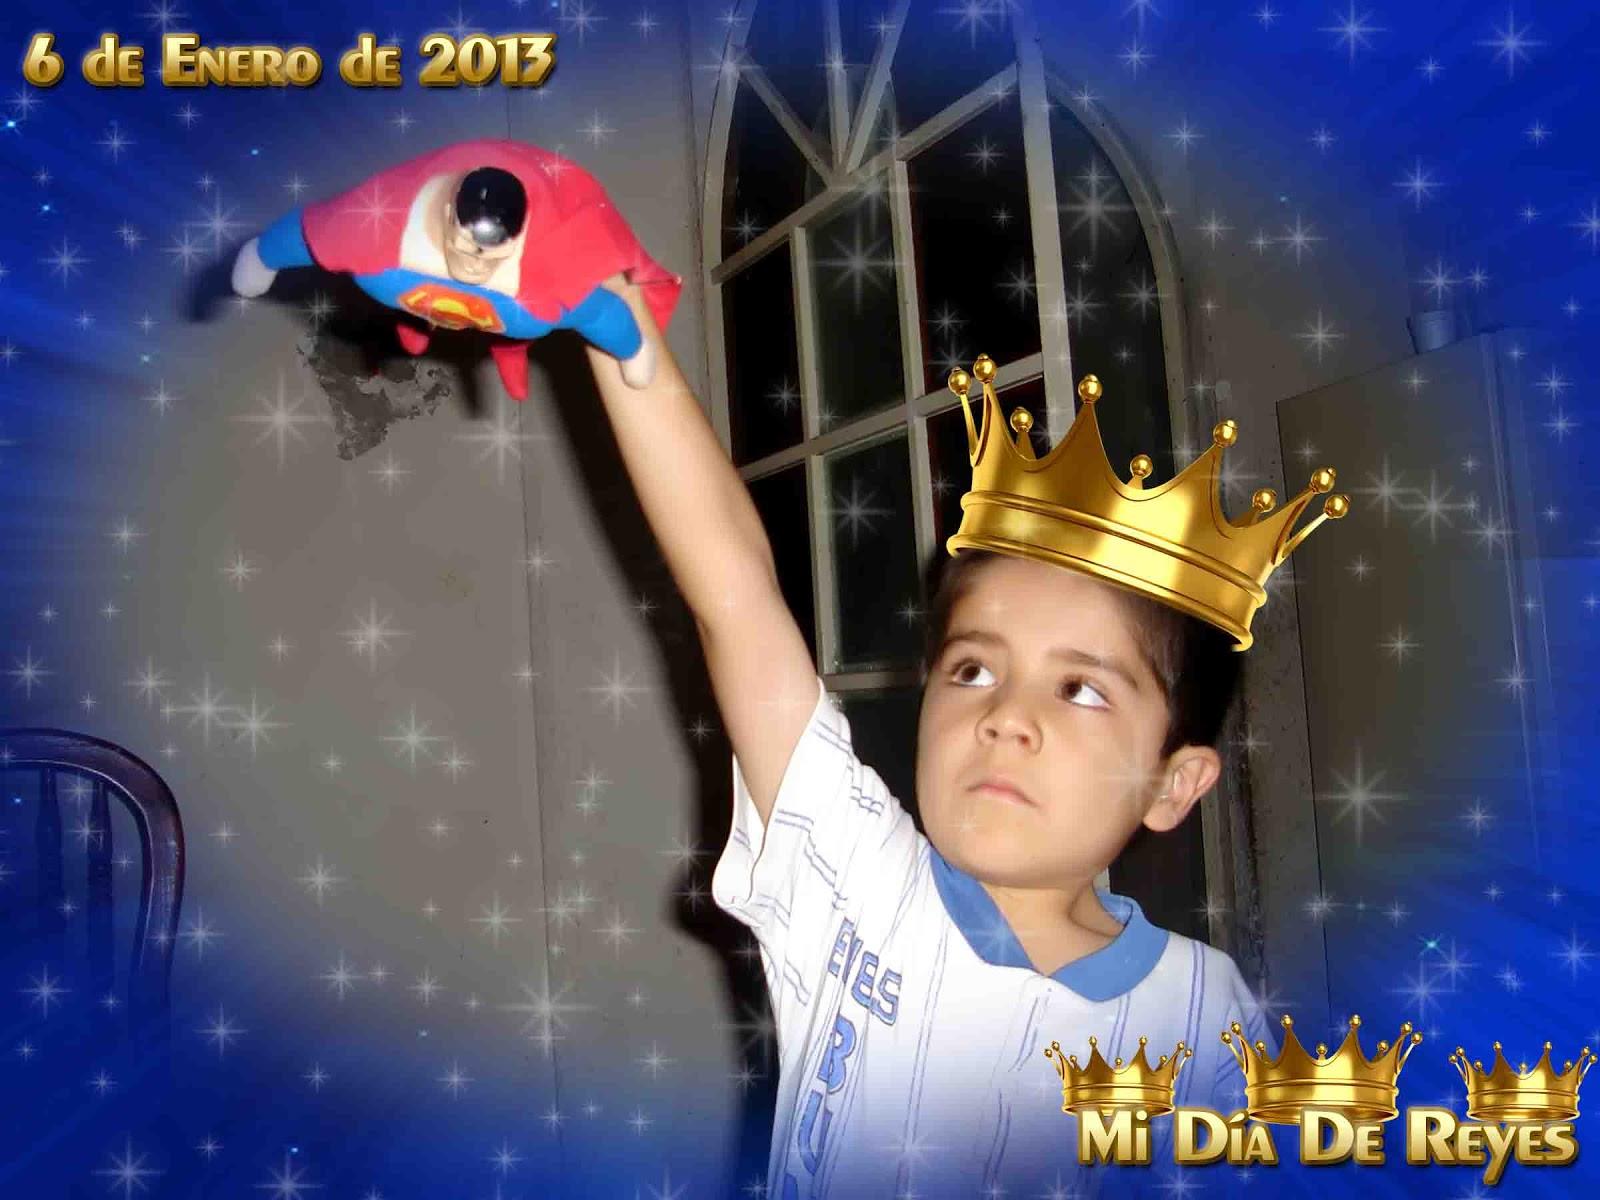 FELIZ DIA DE REYES MAGOS (HD) - YouTube